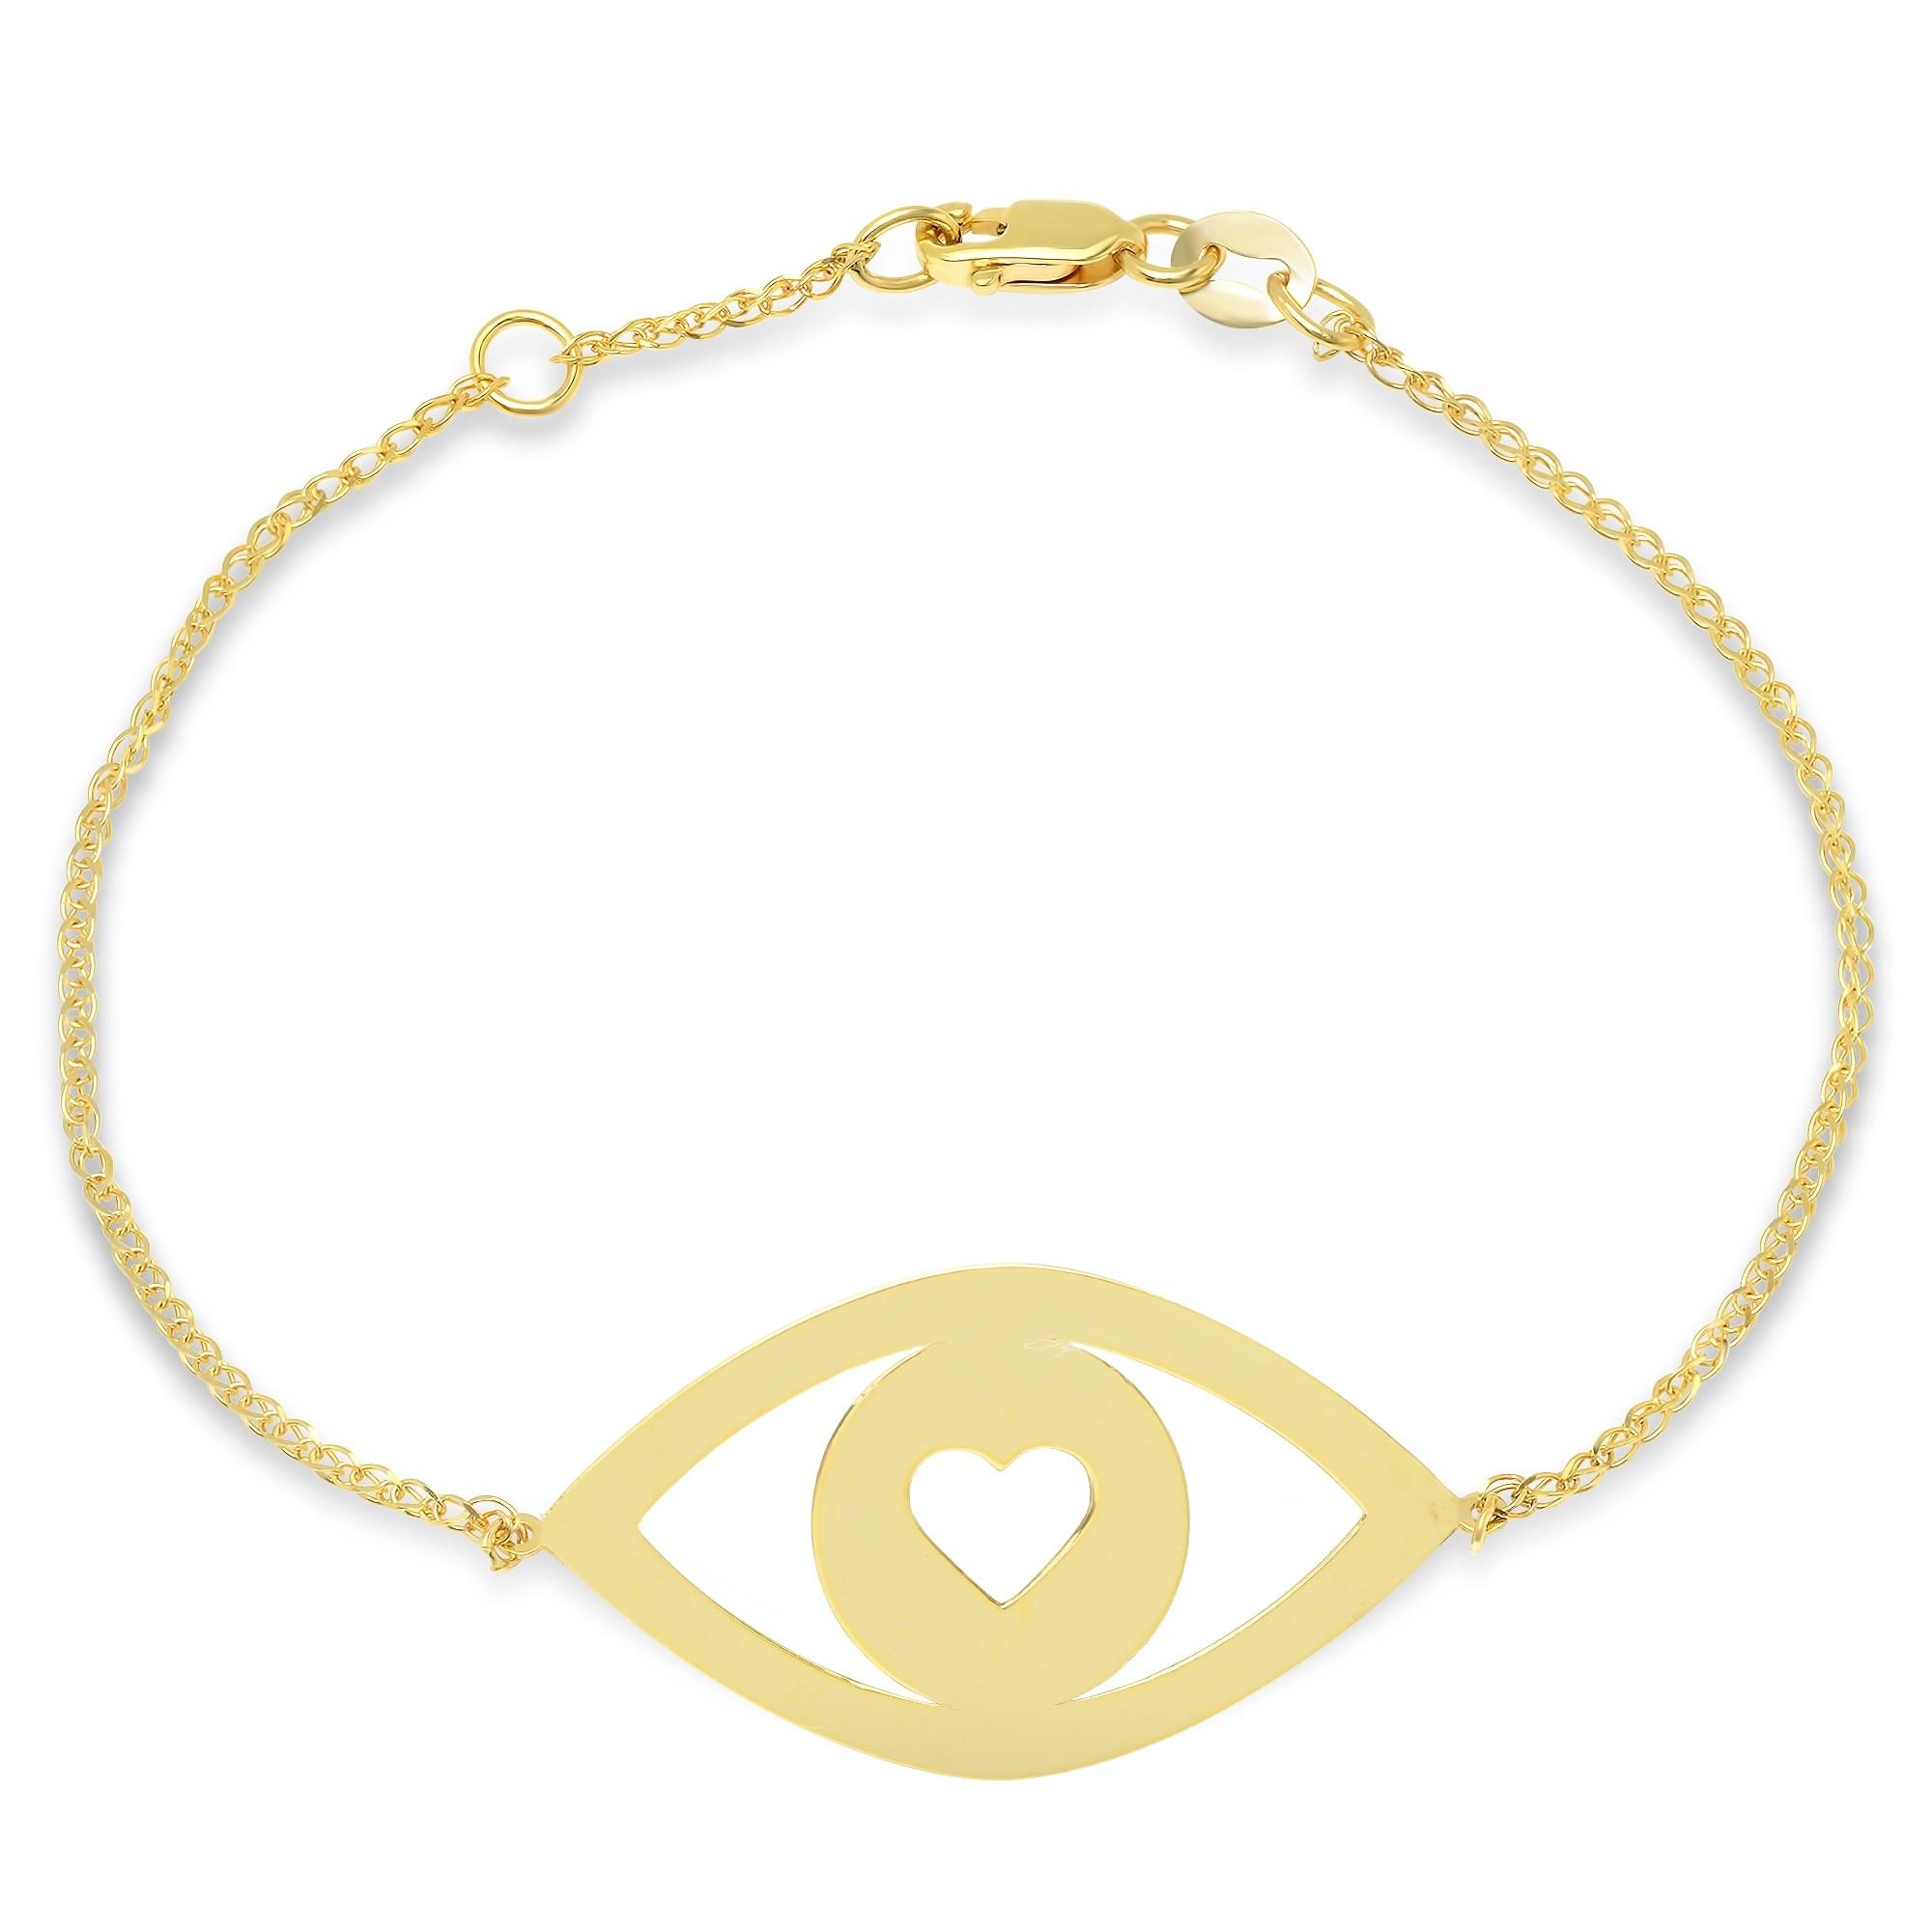 14k Yellow Gold Evil Eye Heart Bracelet